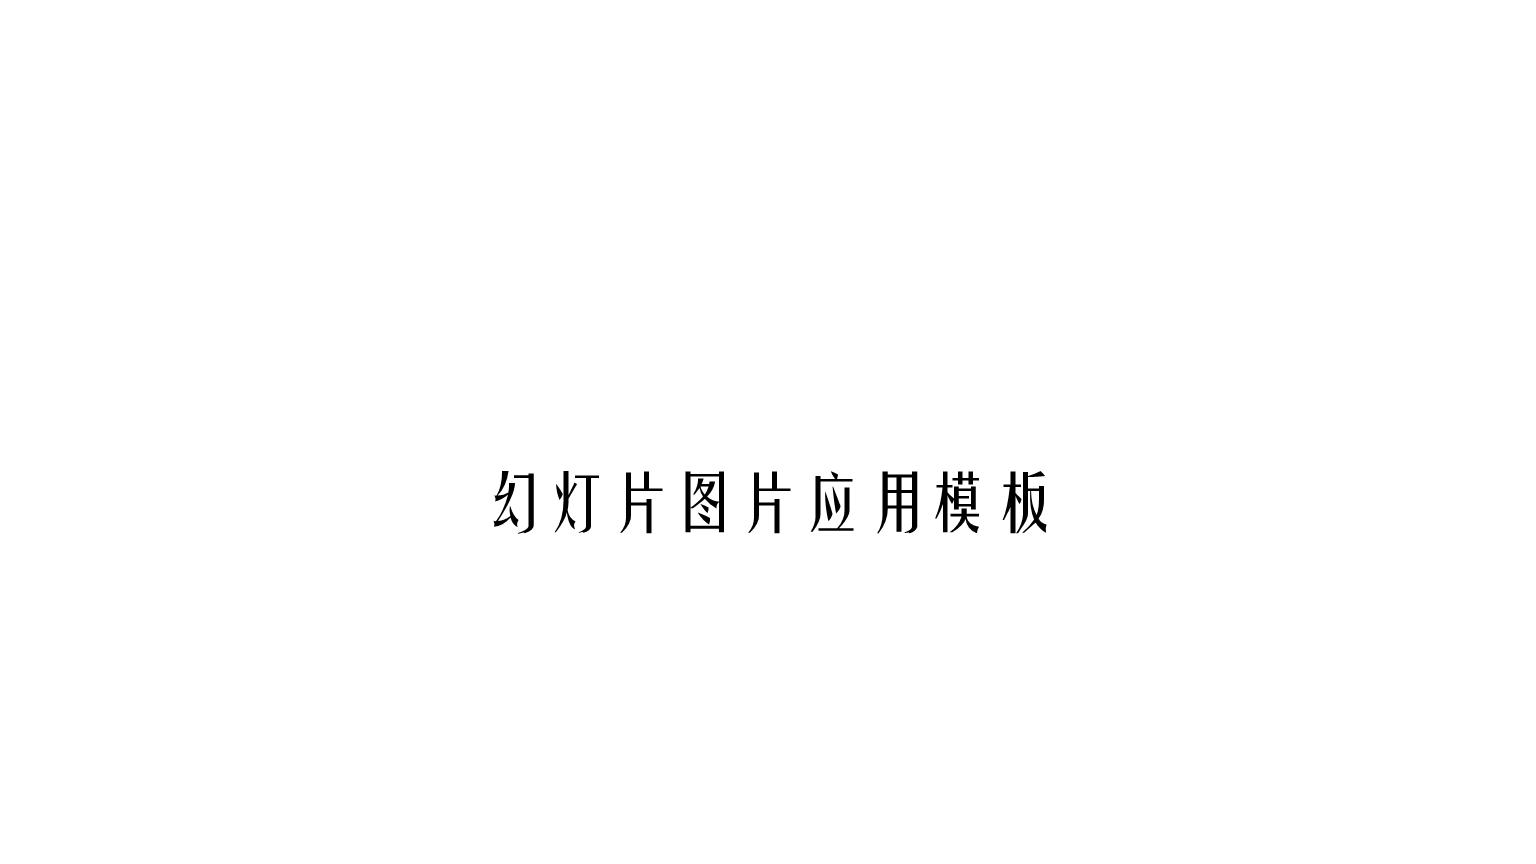 幻灯片图片应用简约大气相册模板.pptx